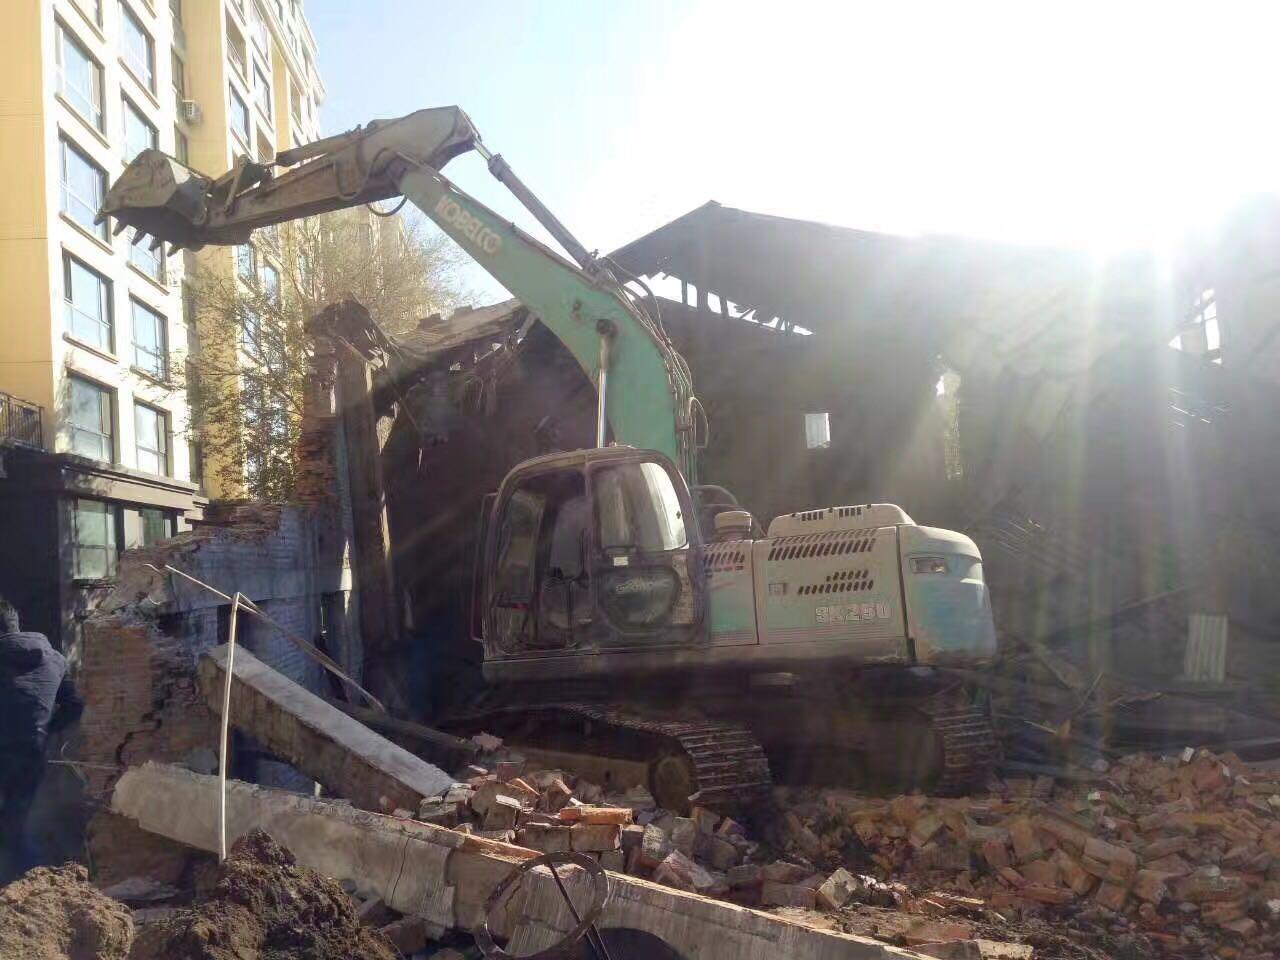 想要有保障的房屋拆除就找沈阳永兴房屋拆除工程-哈尔滨寻求室内拆除